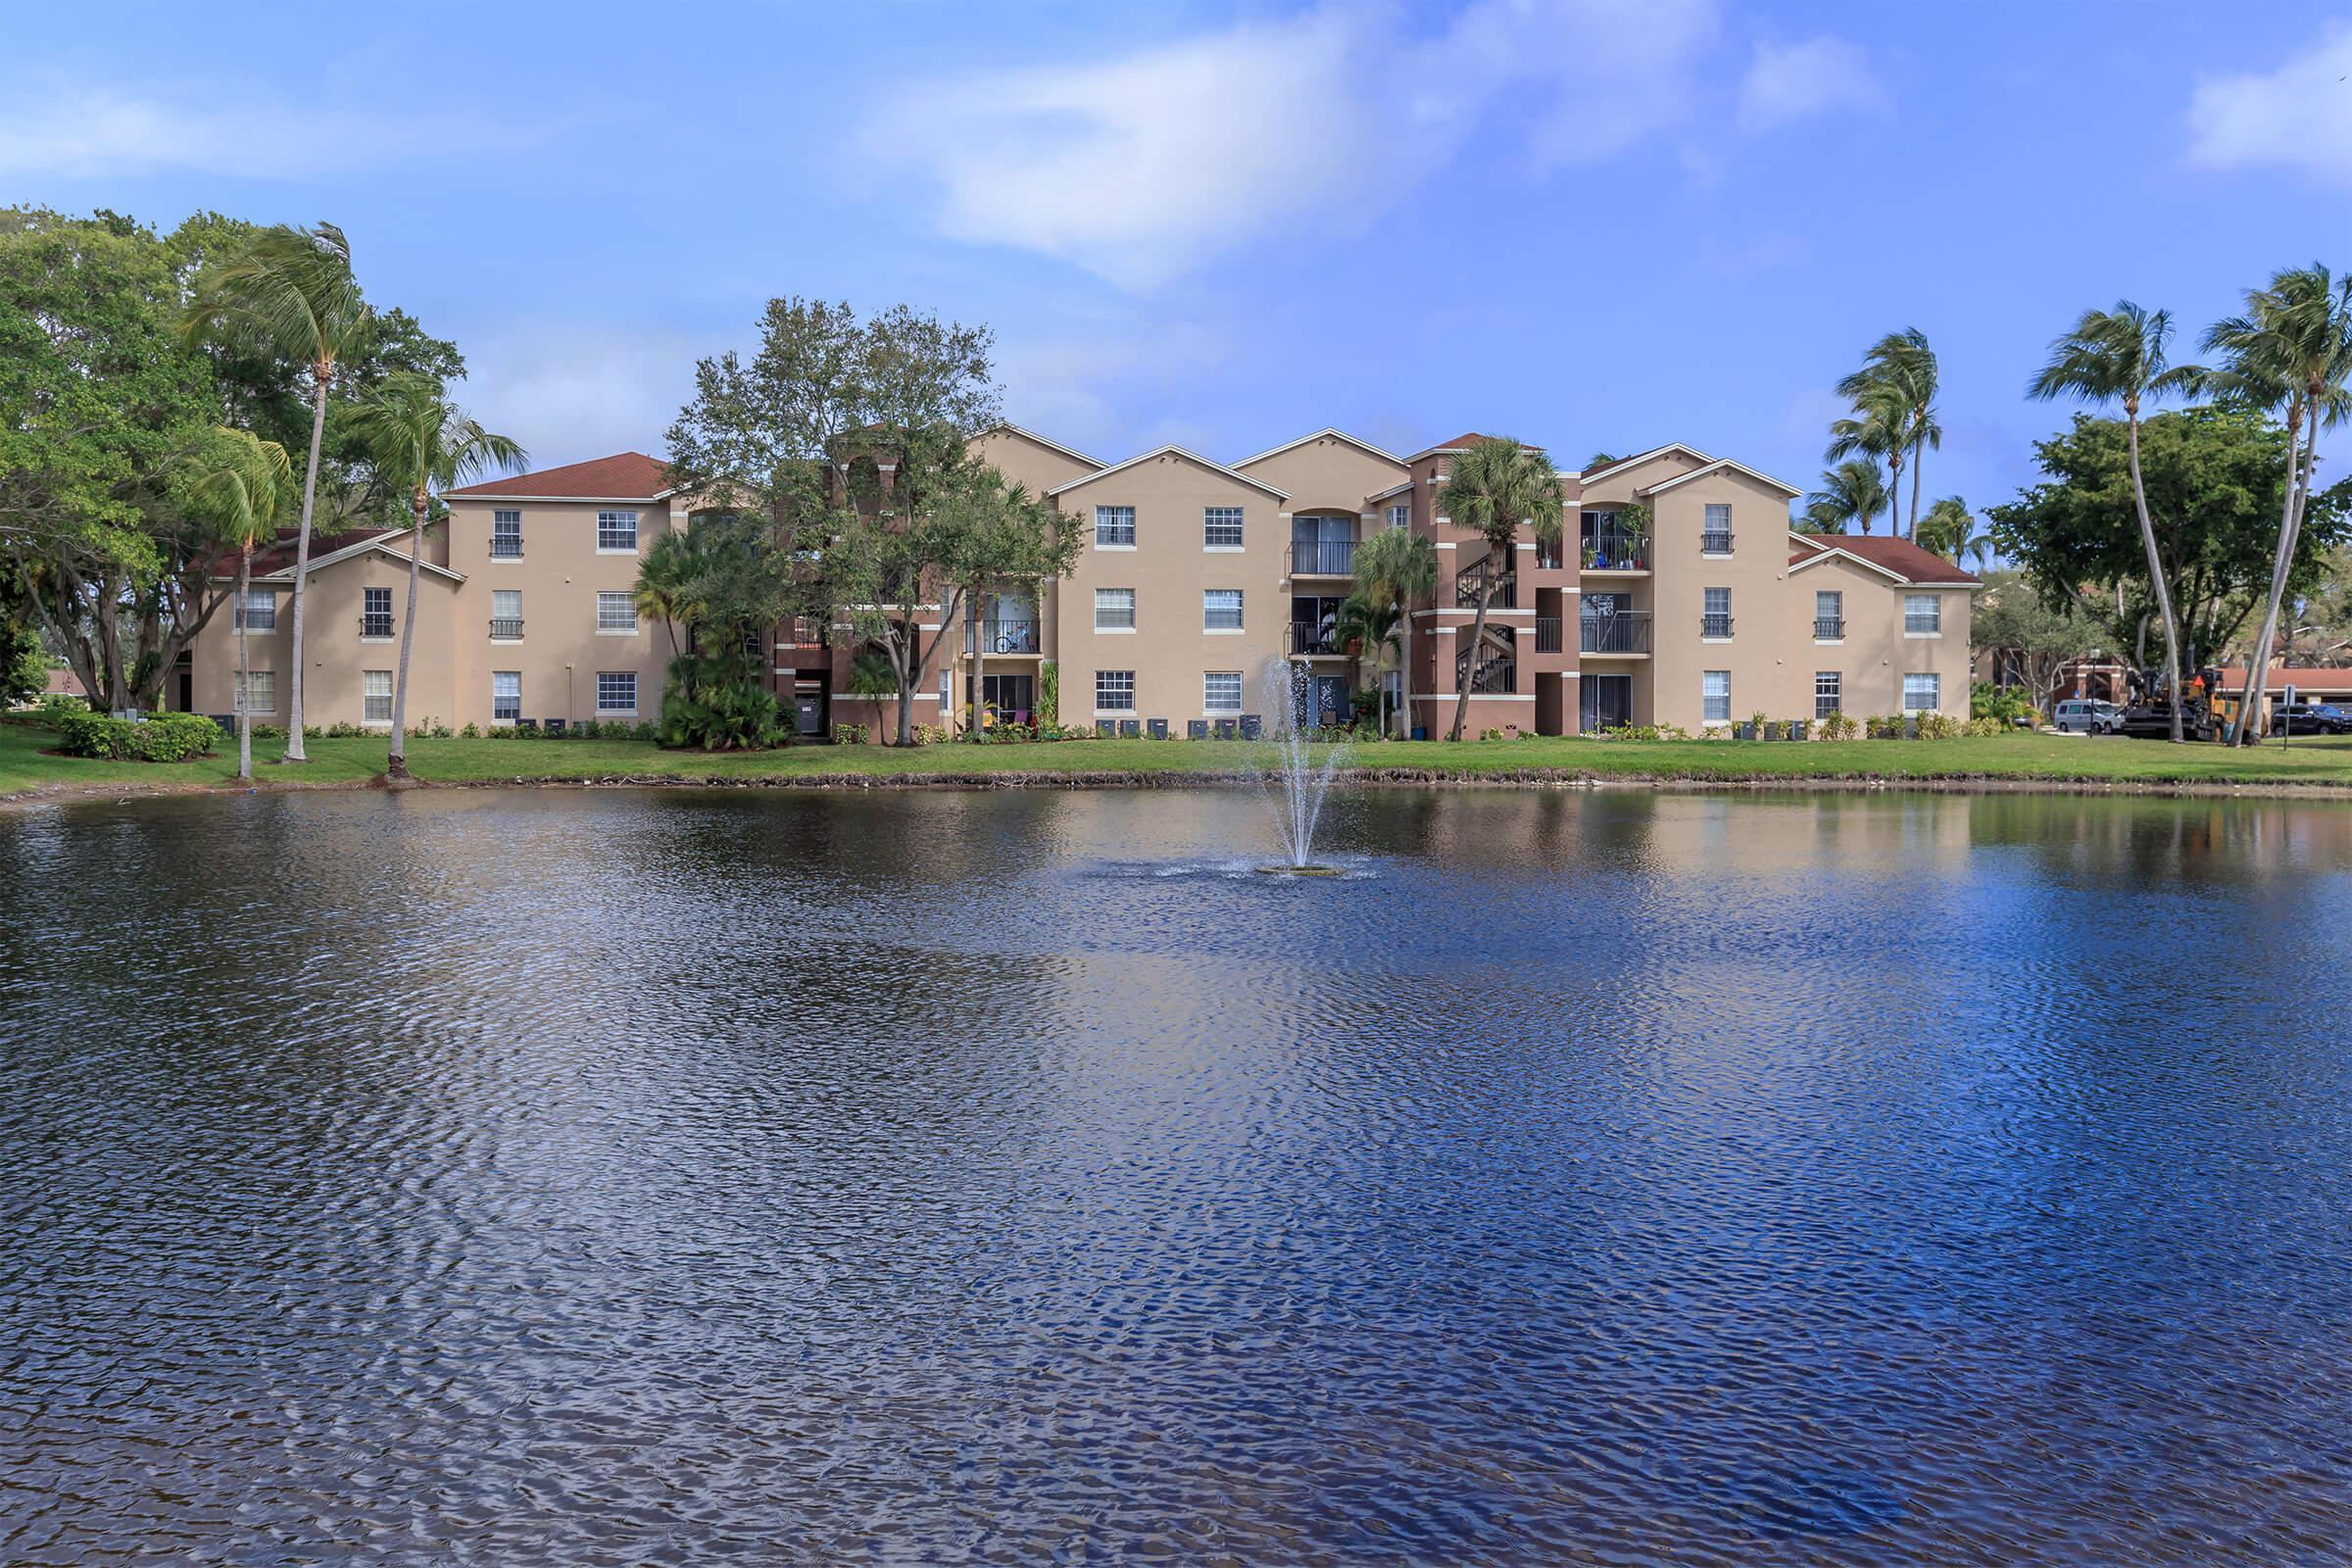 Views at Latitude Pointe Apartments in Boynton Beach, Florida